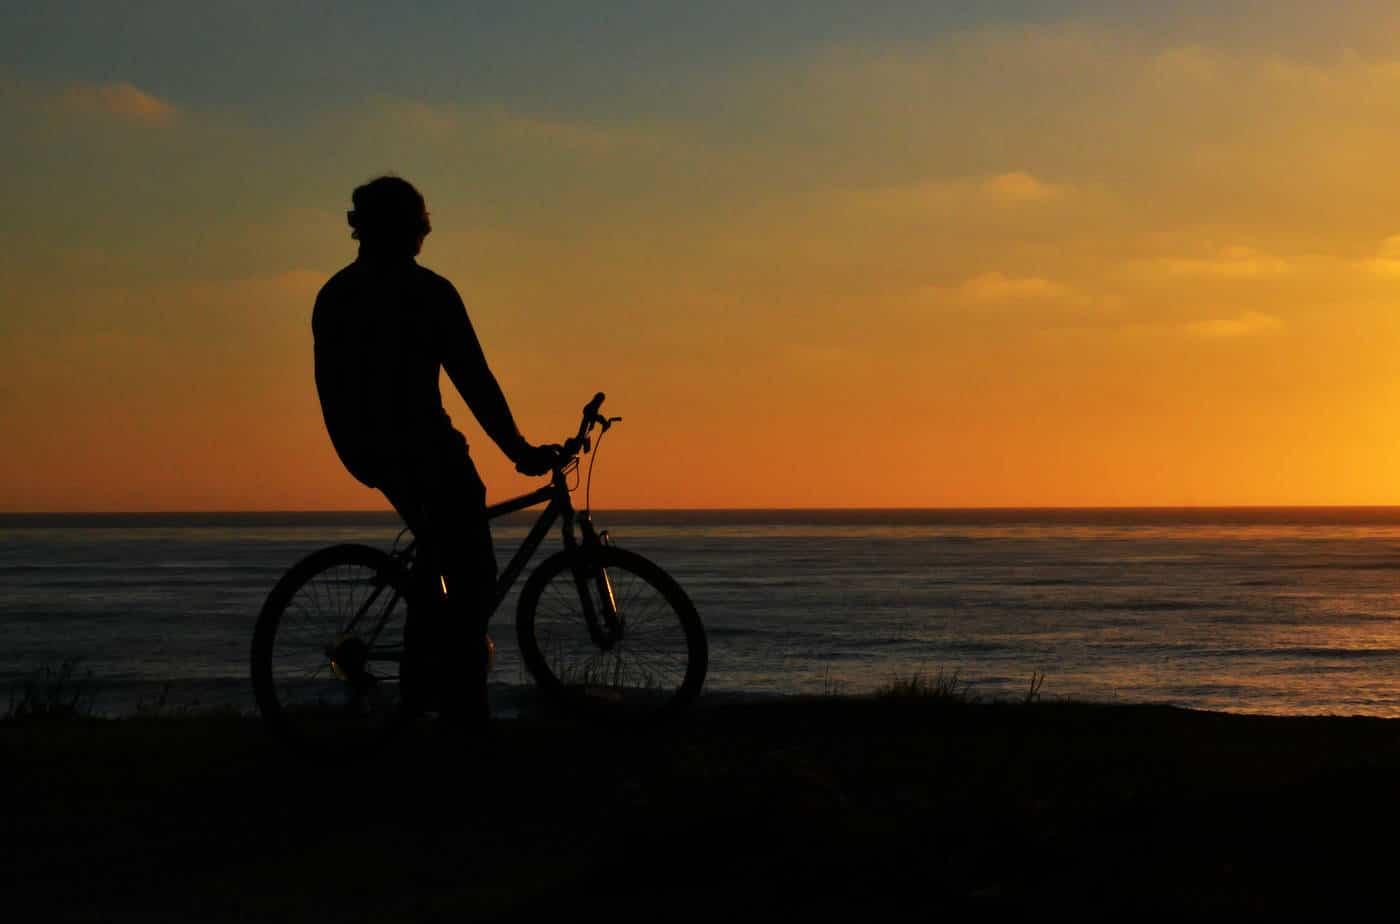 entrenamiento de ciclismo y mas